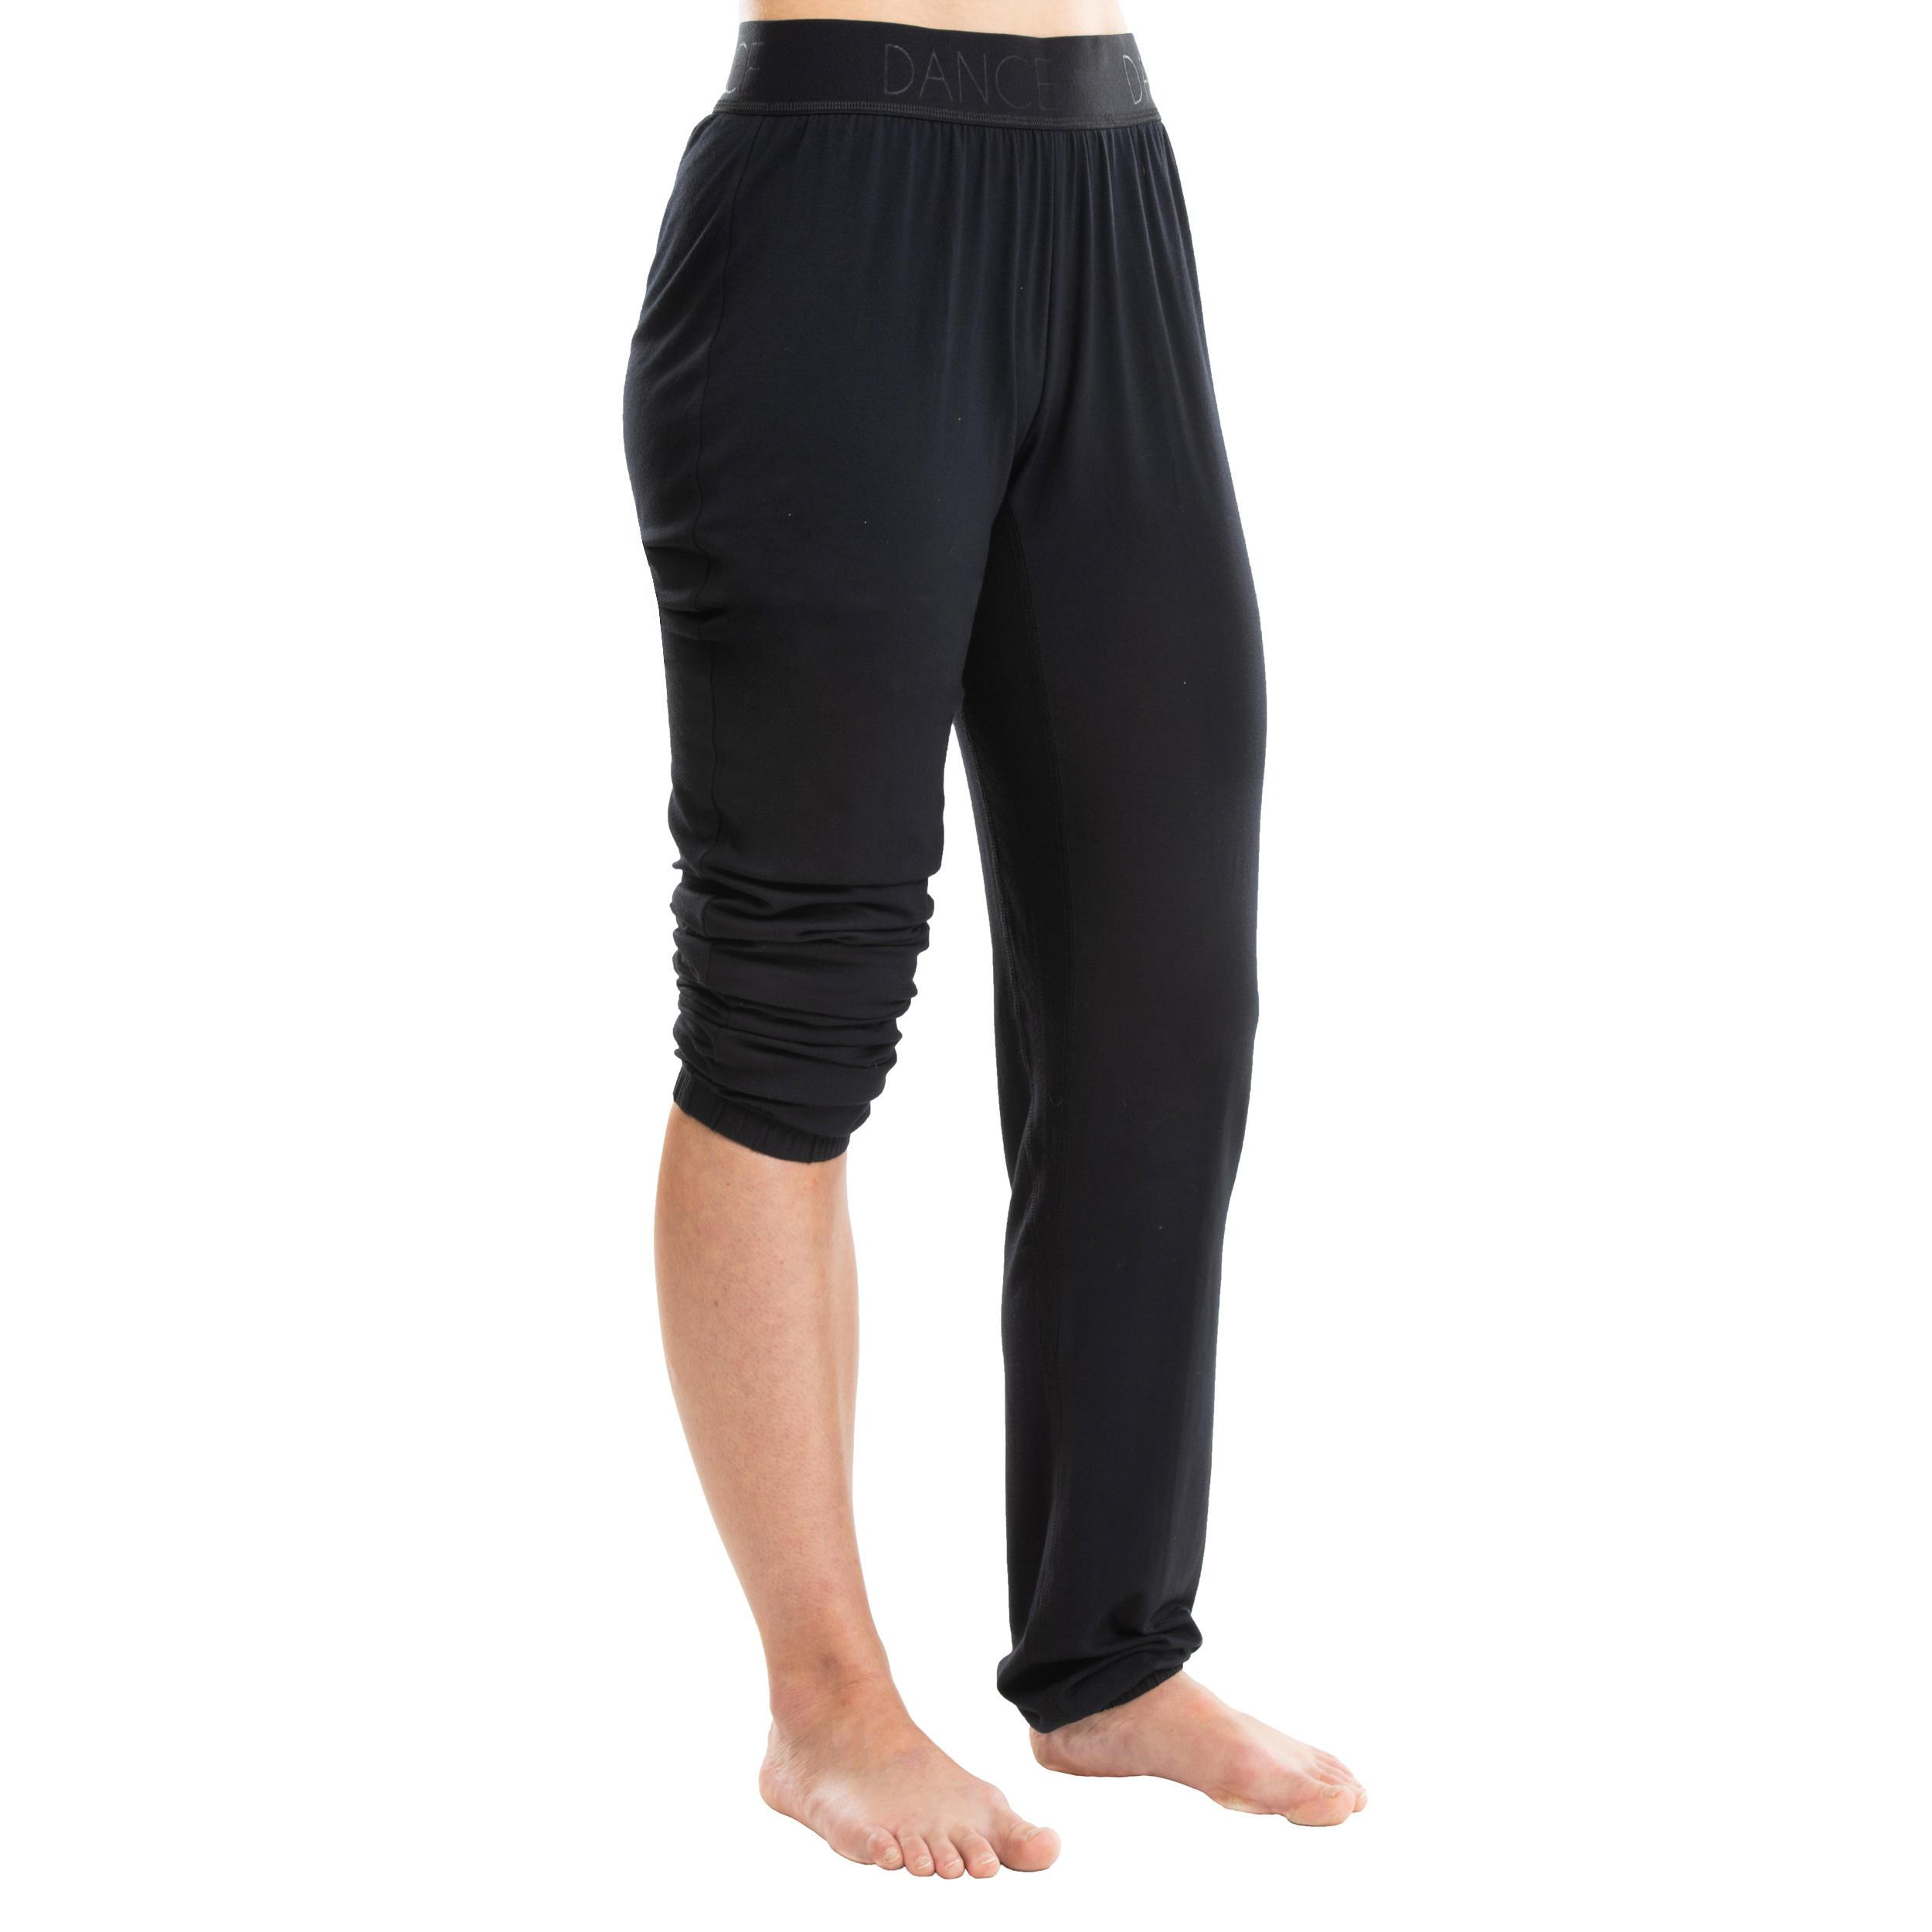 Pantalon Dans modern Damă